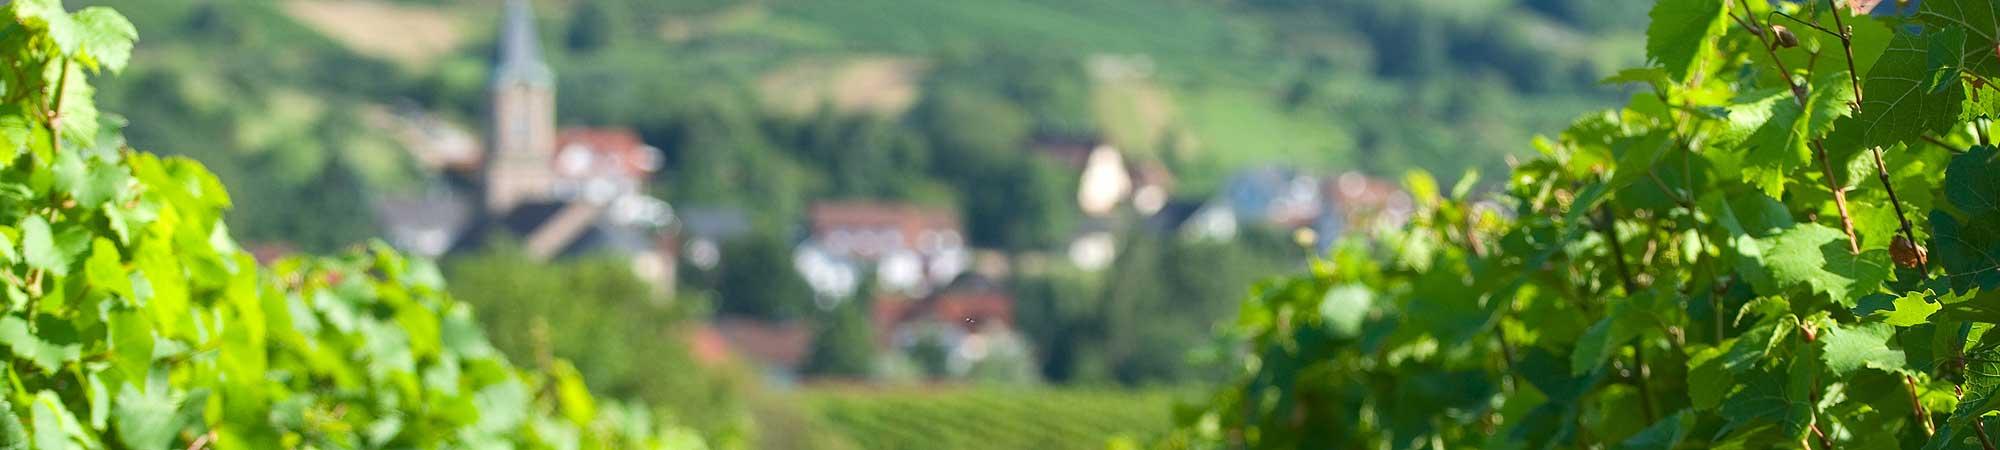 Rebland-Immobilien-Baden-Buehl